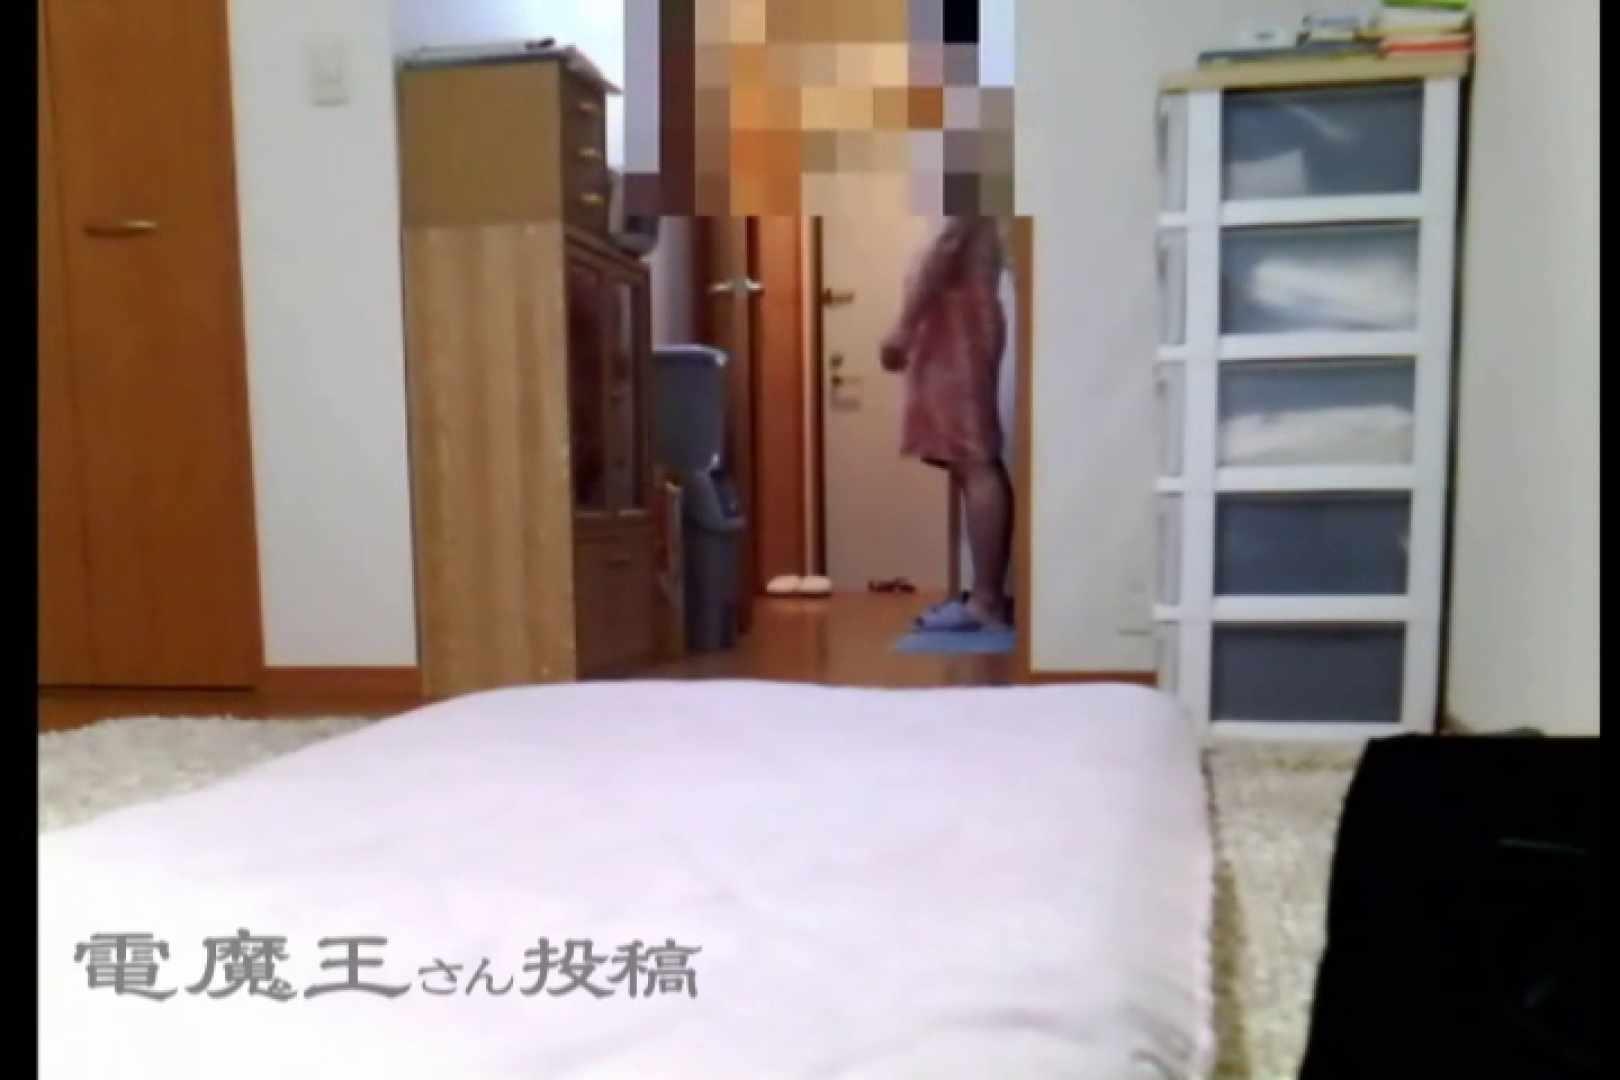 電魔王さんの「隠撮の部屋」アキラ 隠撮 すけべAV動画紹介 96pic 56